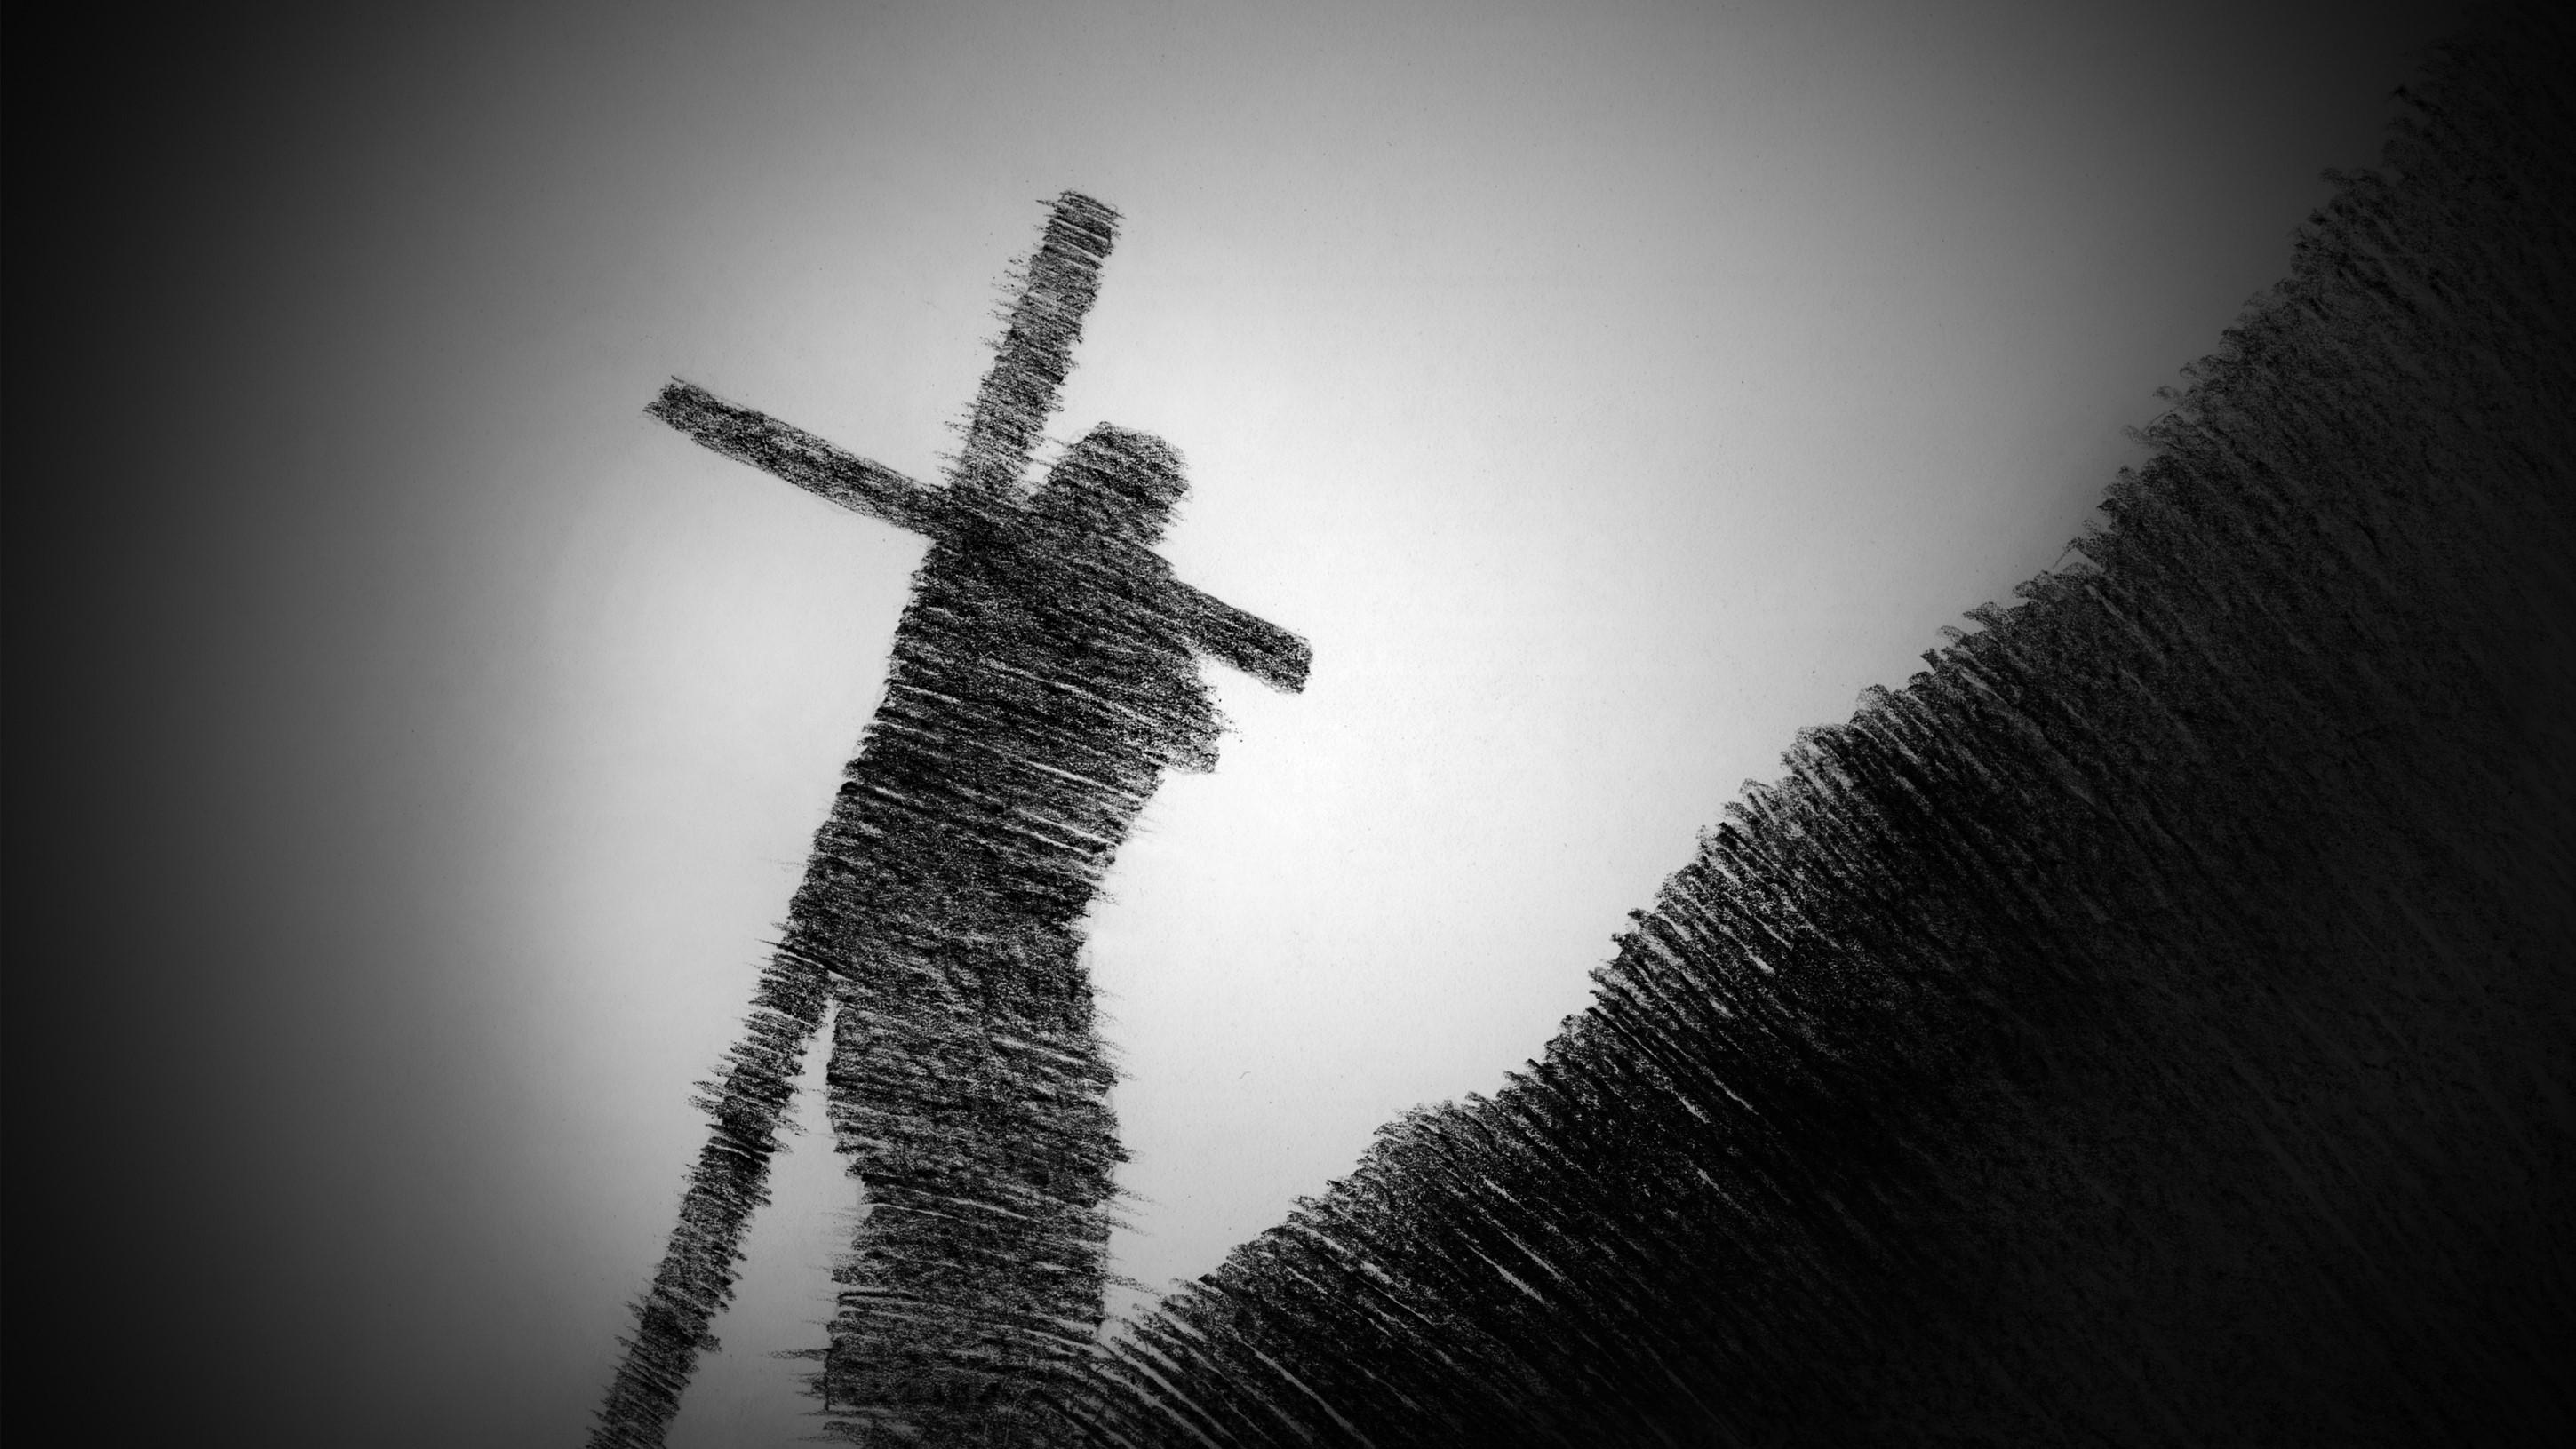 우리의 믿음은 고통에 기반해 있는가?